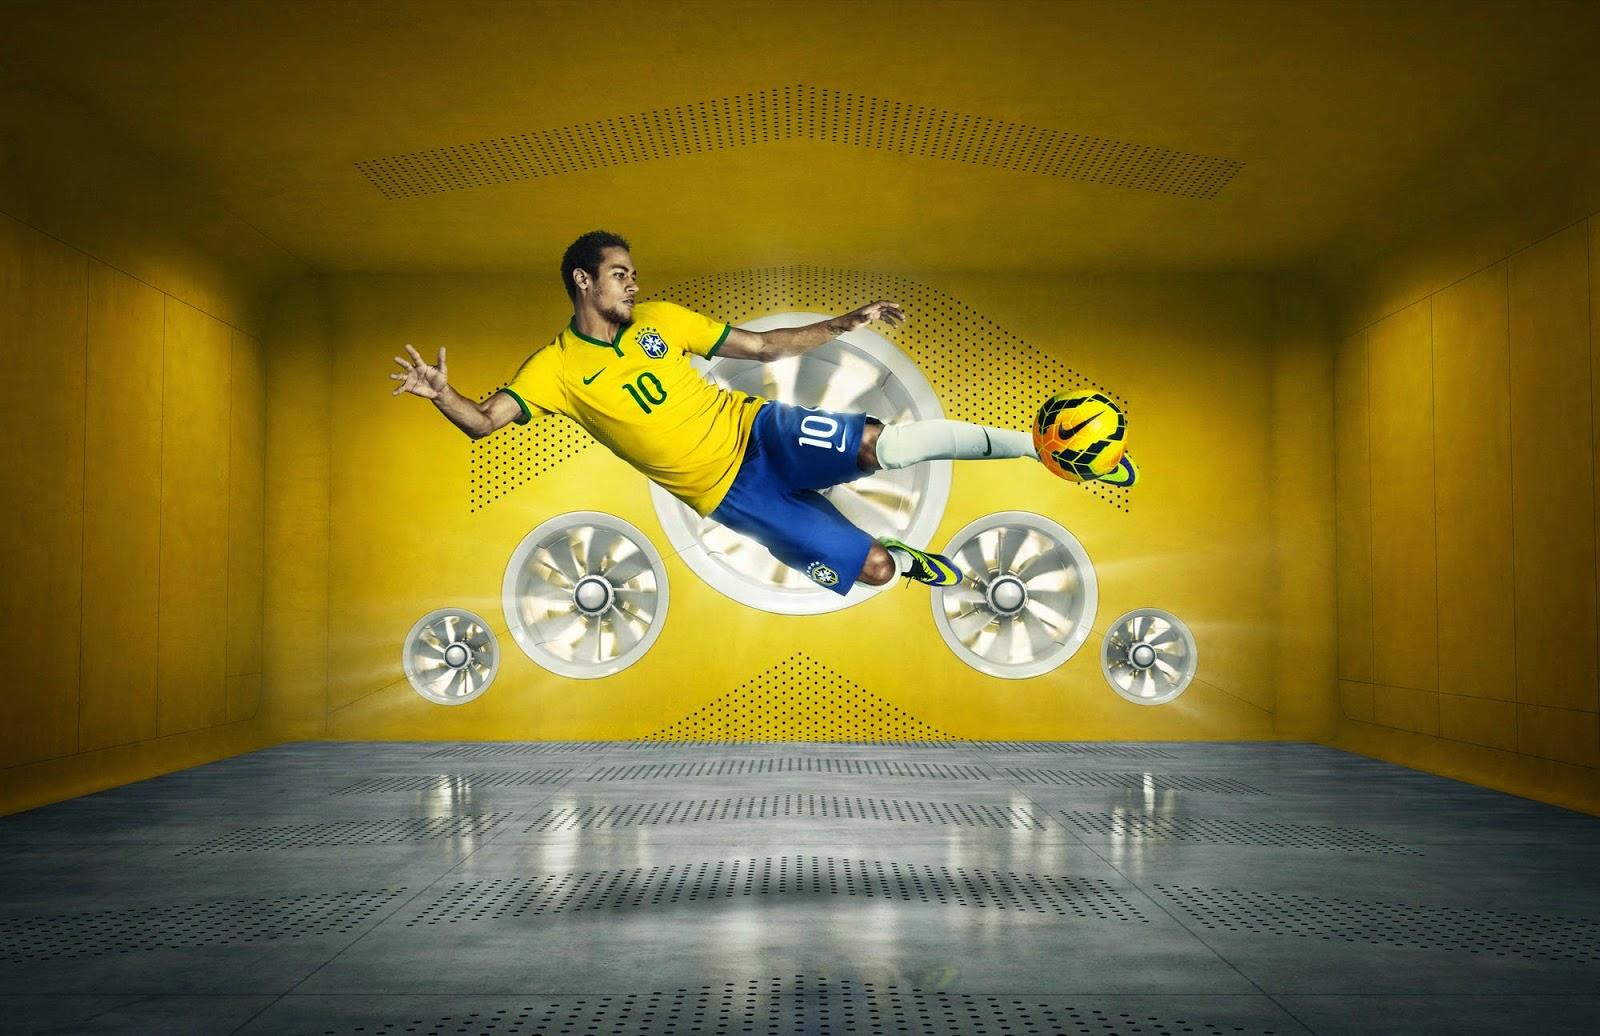 http://2.bp.blogspot.com/-X3VnZCV8Bos/U6bvVY3s3nI/AAAAAAAAZ3M/H42wdQBxBoM/s1600/brazil-world-cup-2014-kit-HD.jpg